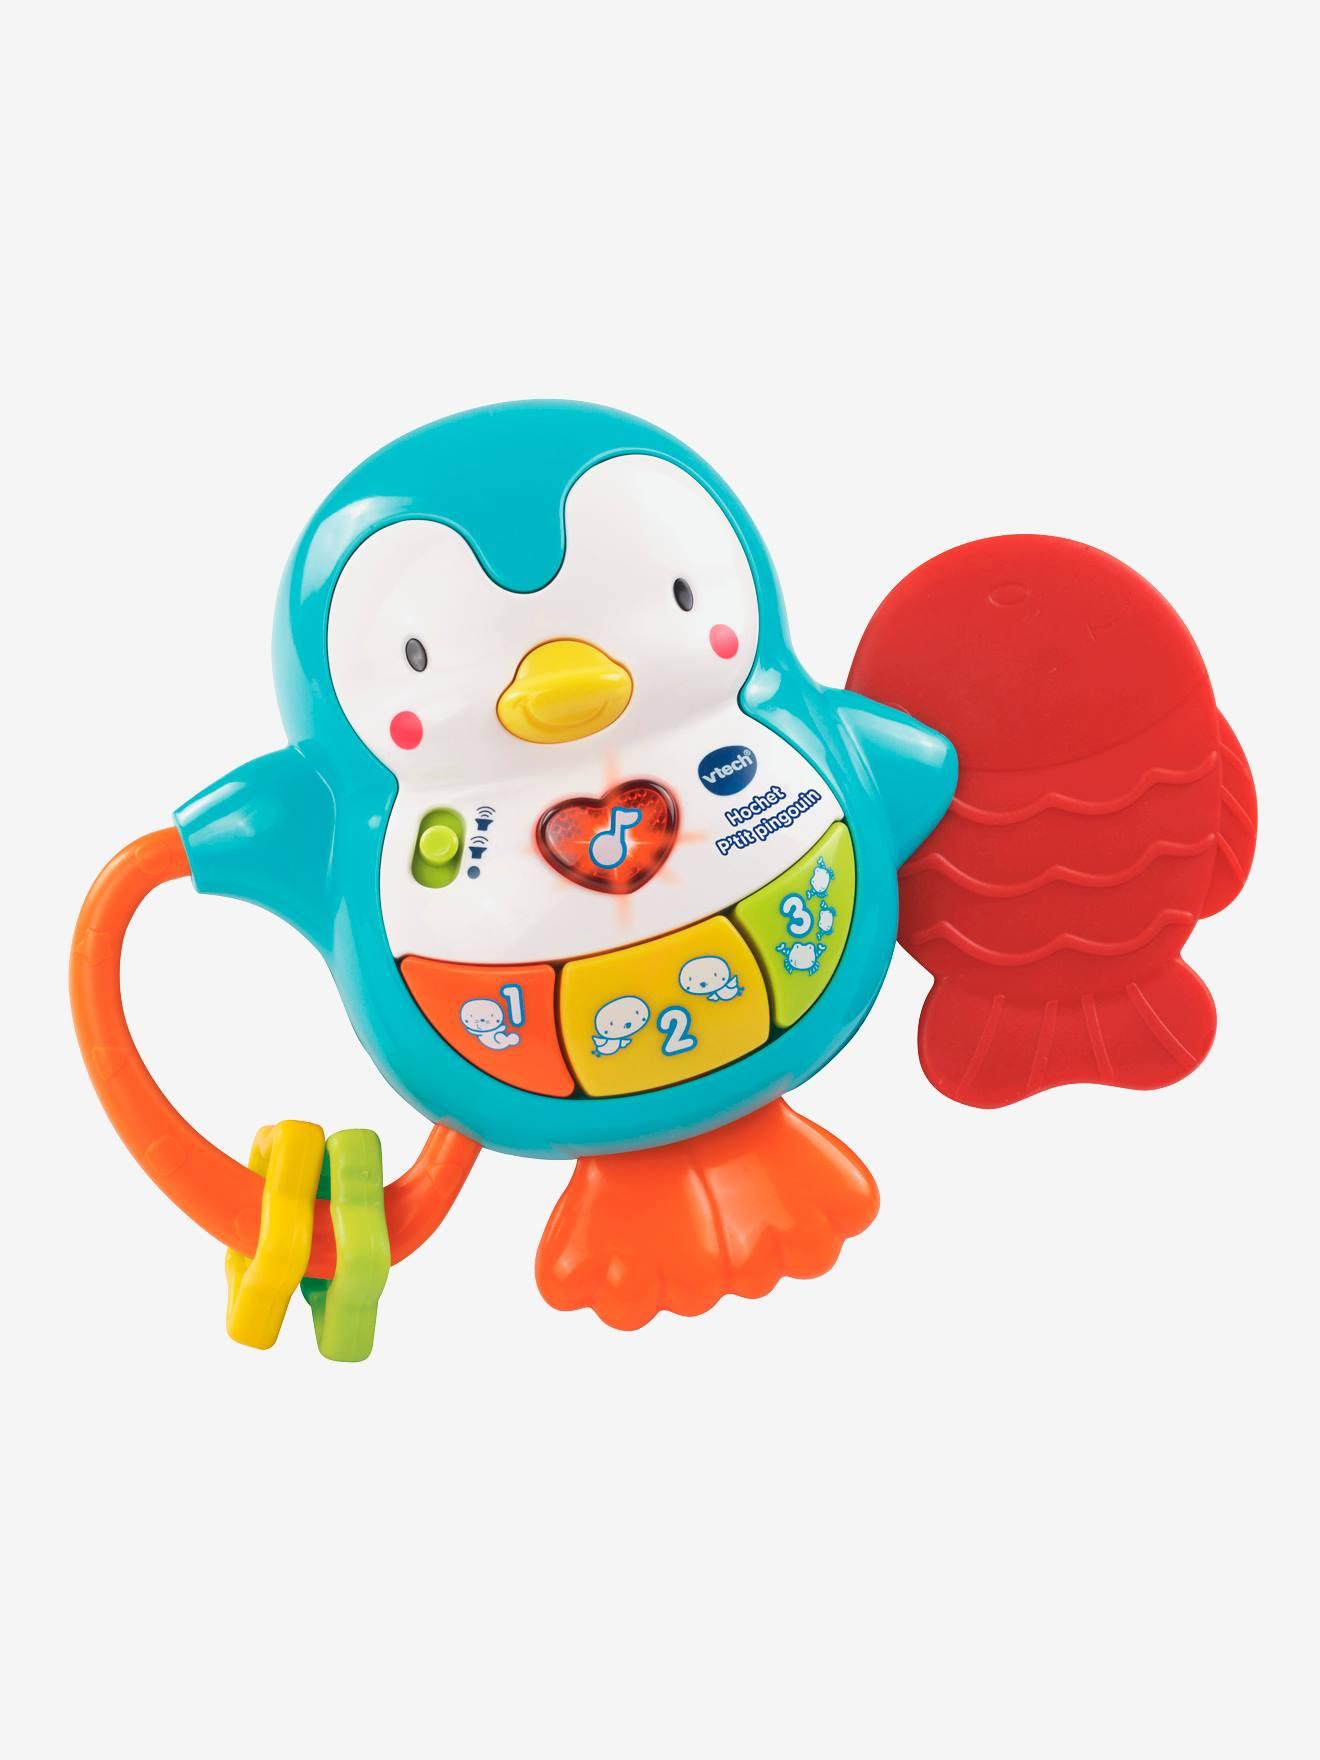 Hochet p'tit pingouin VTECH multicolore